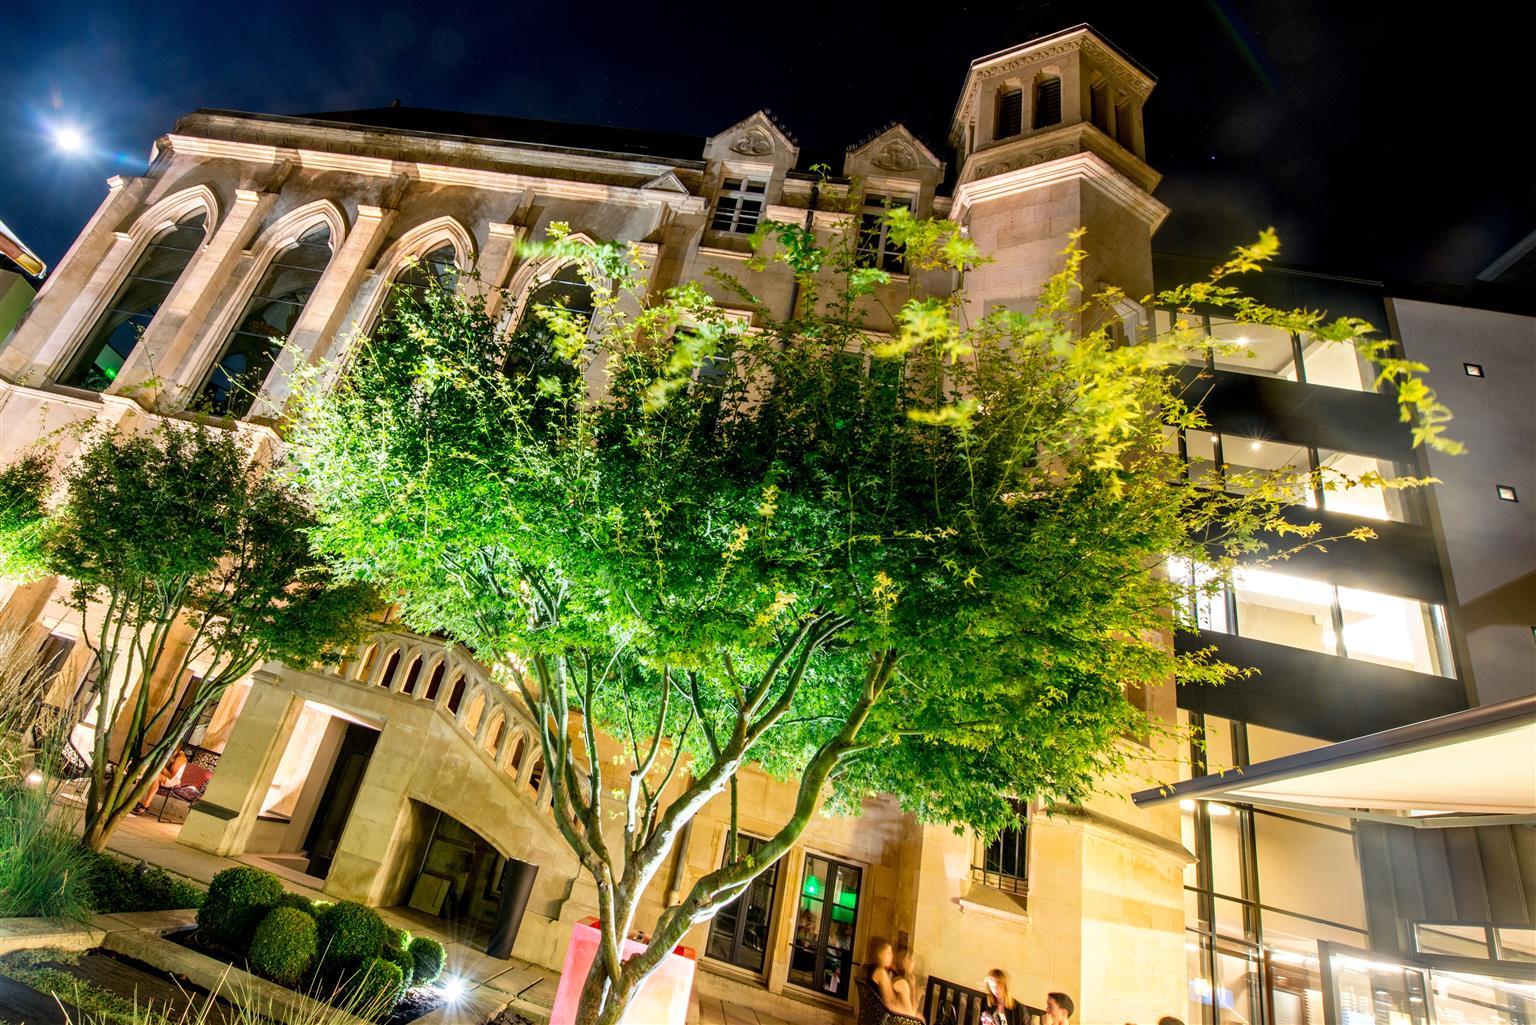 Hotel De La Paix Reims France